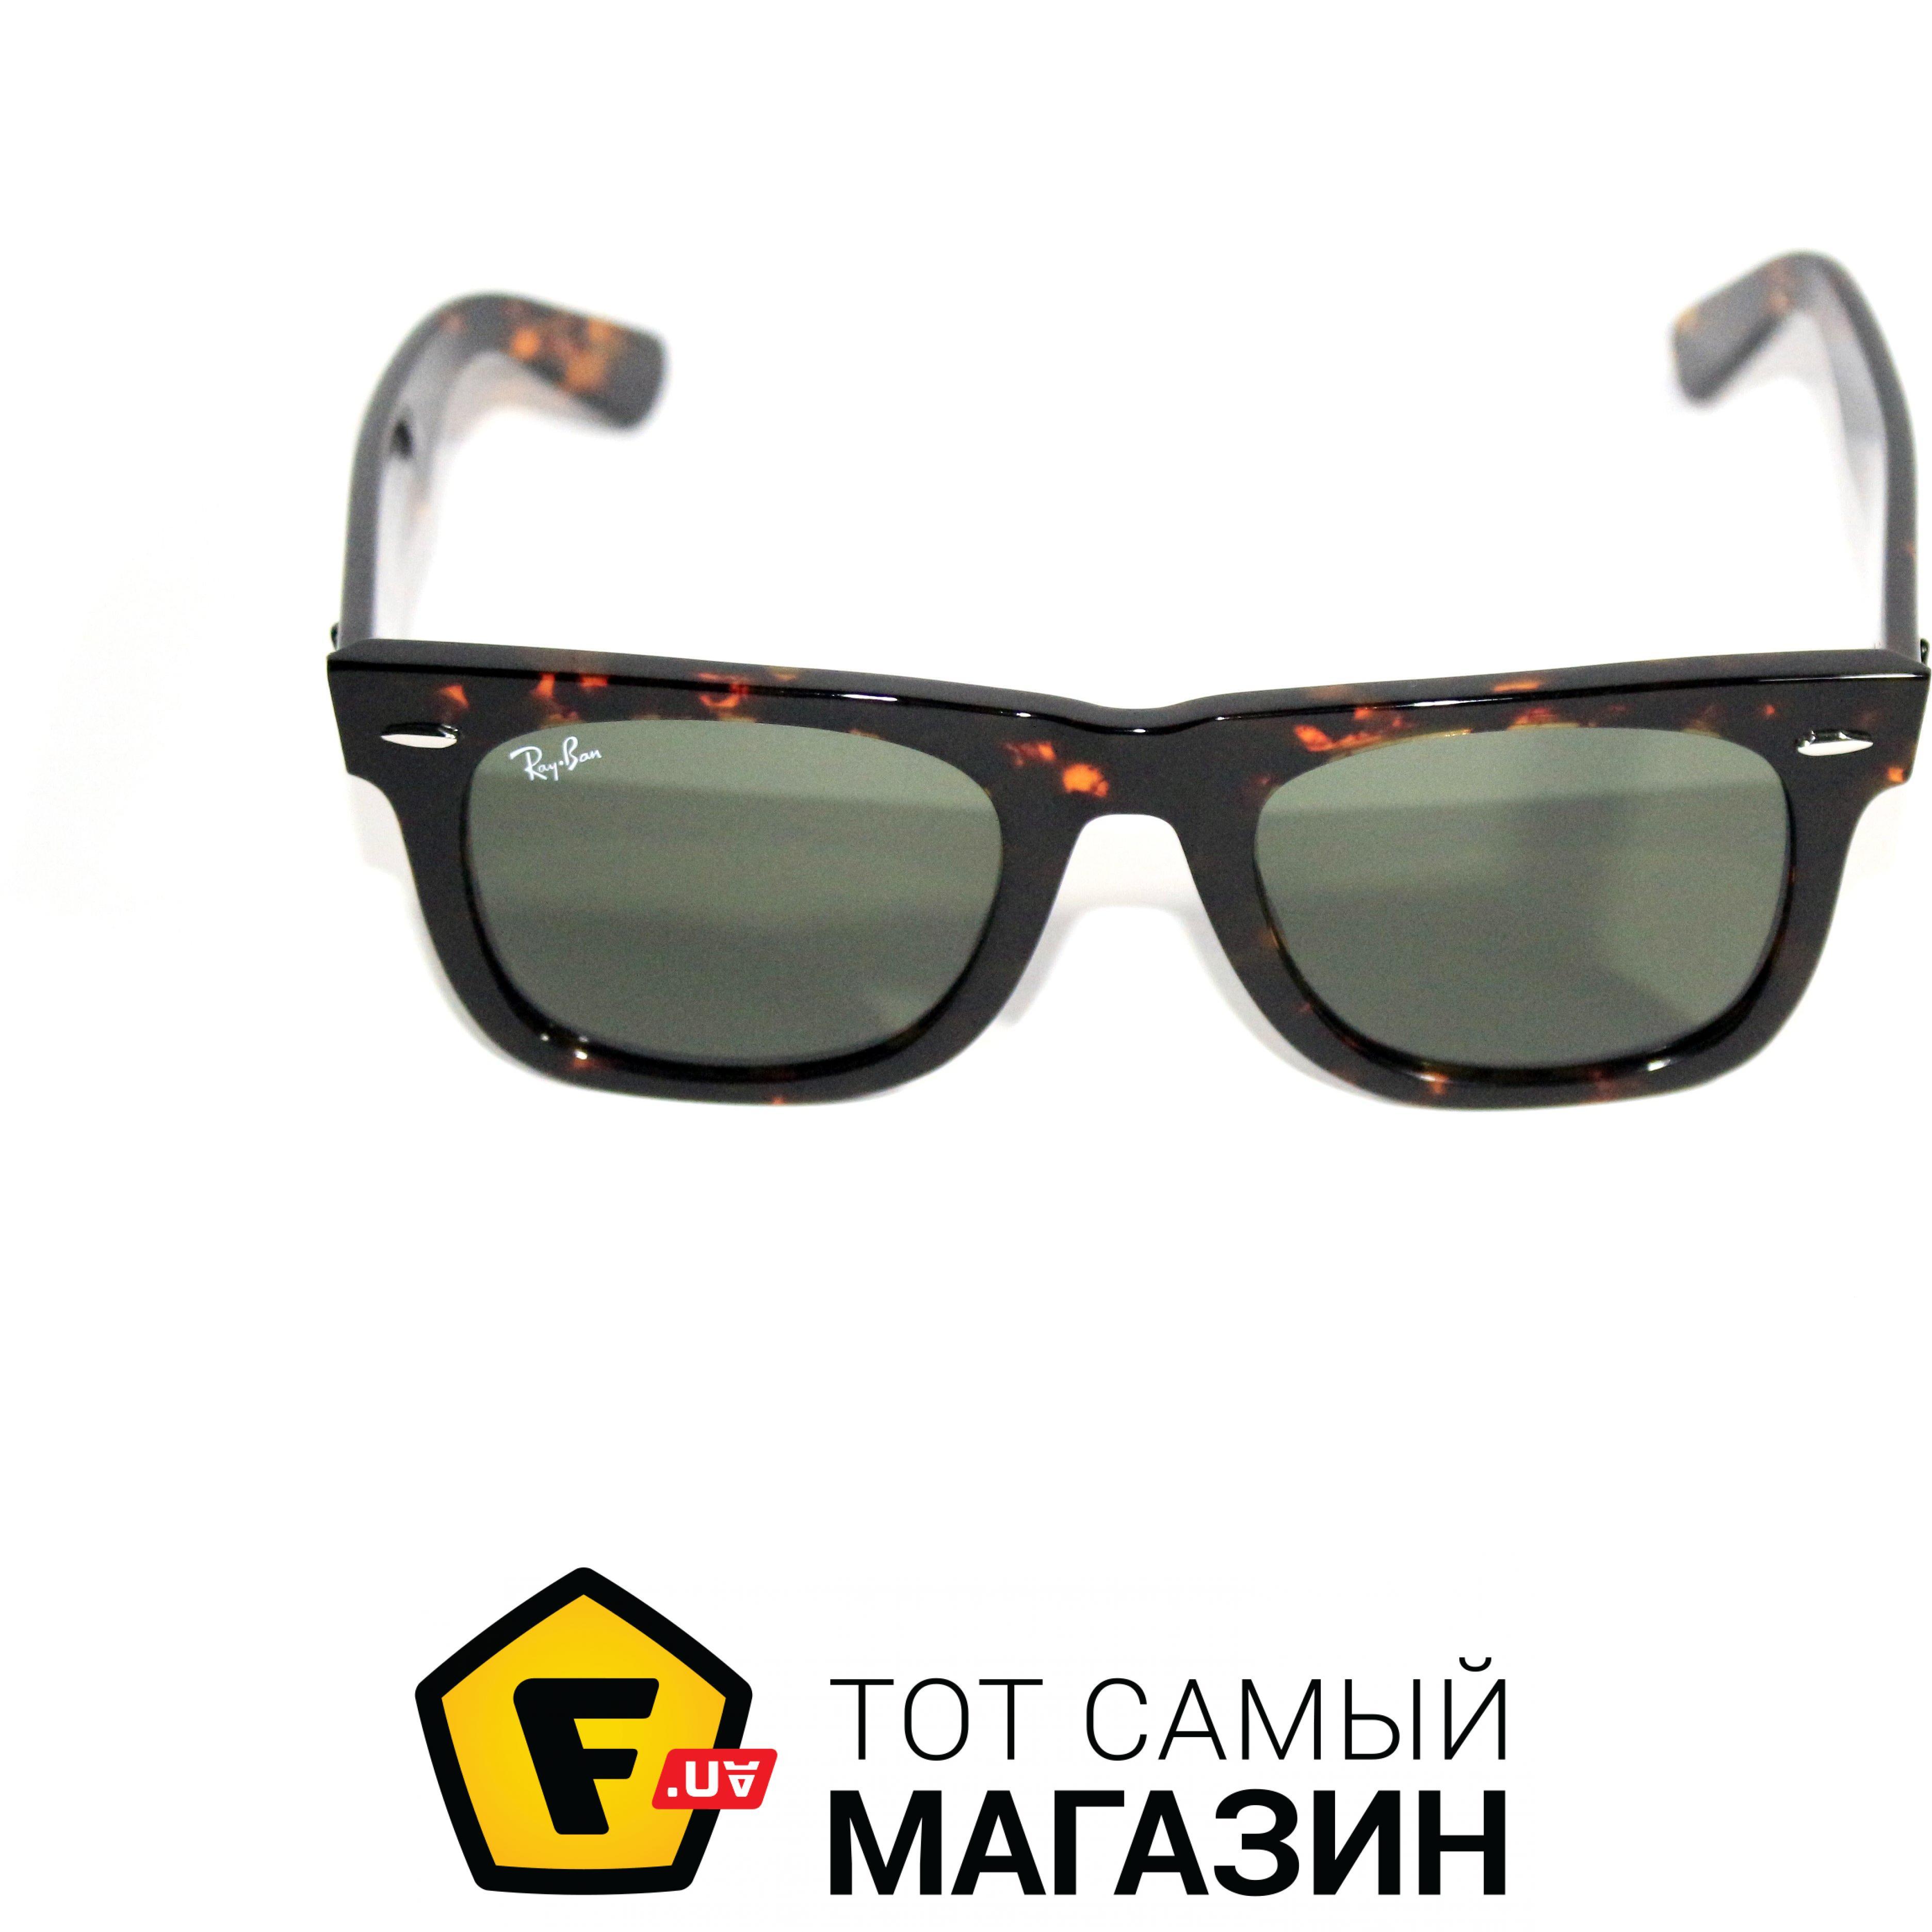 12f2b5cb30cc ᐈ Солнцезащитные очки Ray-Ban Original Wayfarer Коричневые (RB 2140 ...